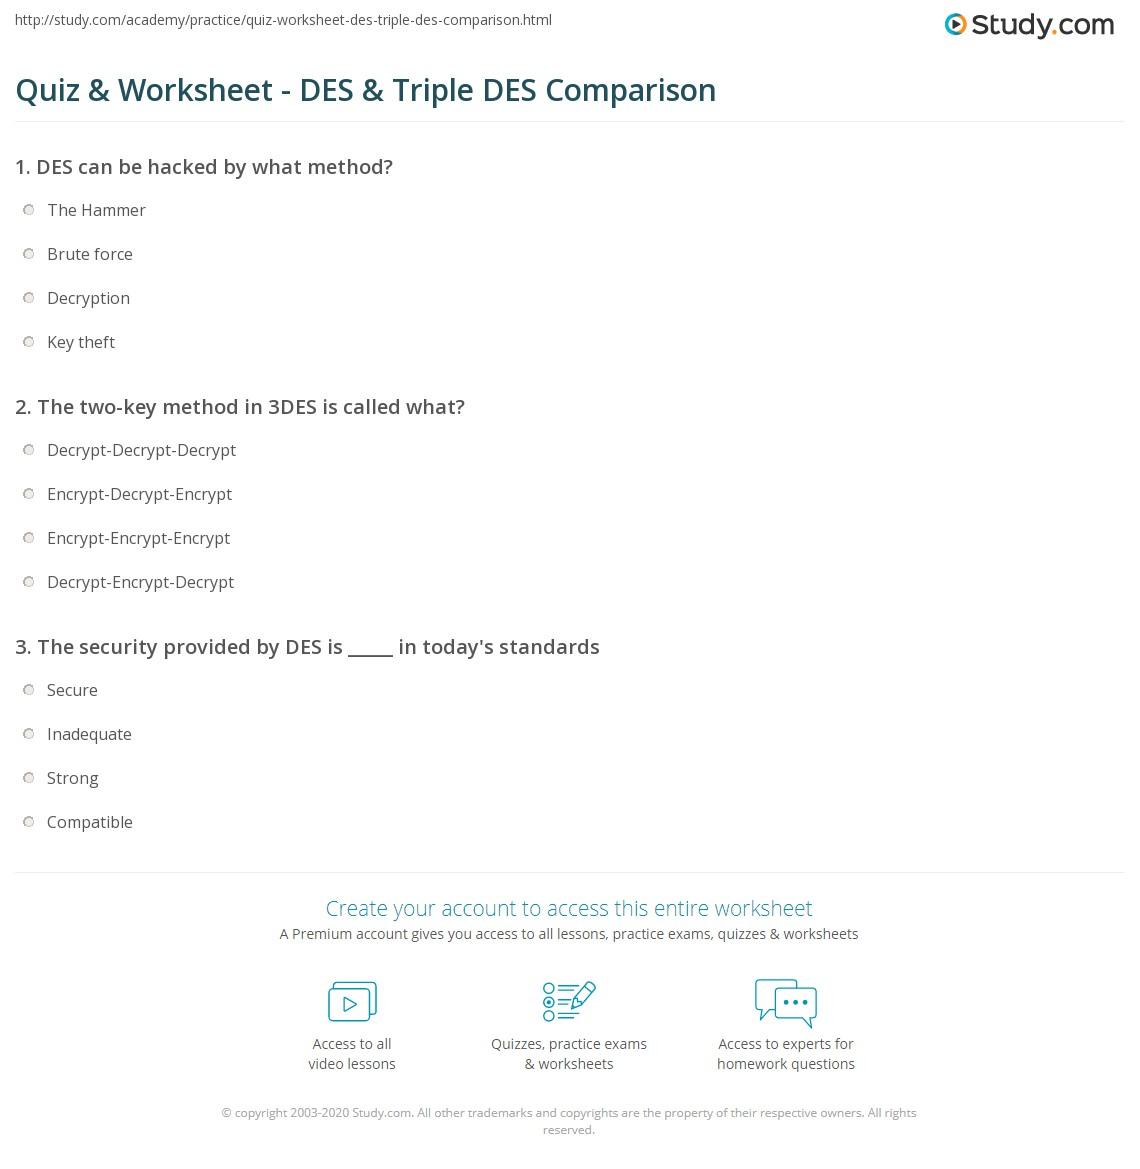 Quiz & Worksheet - DES & Triple DES Comparison | Study com